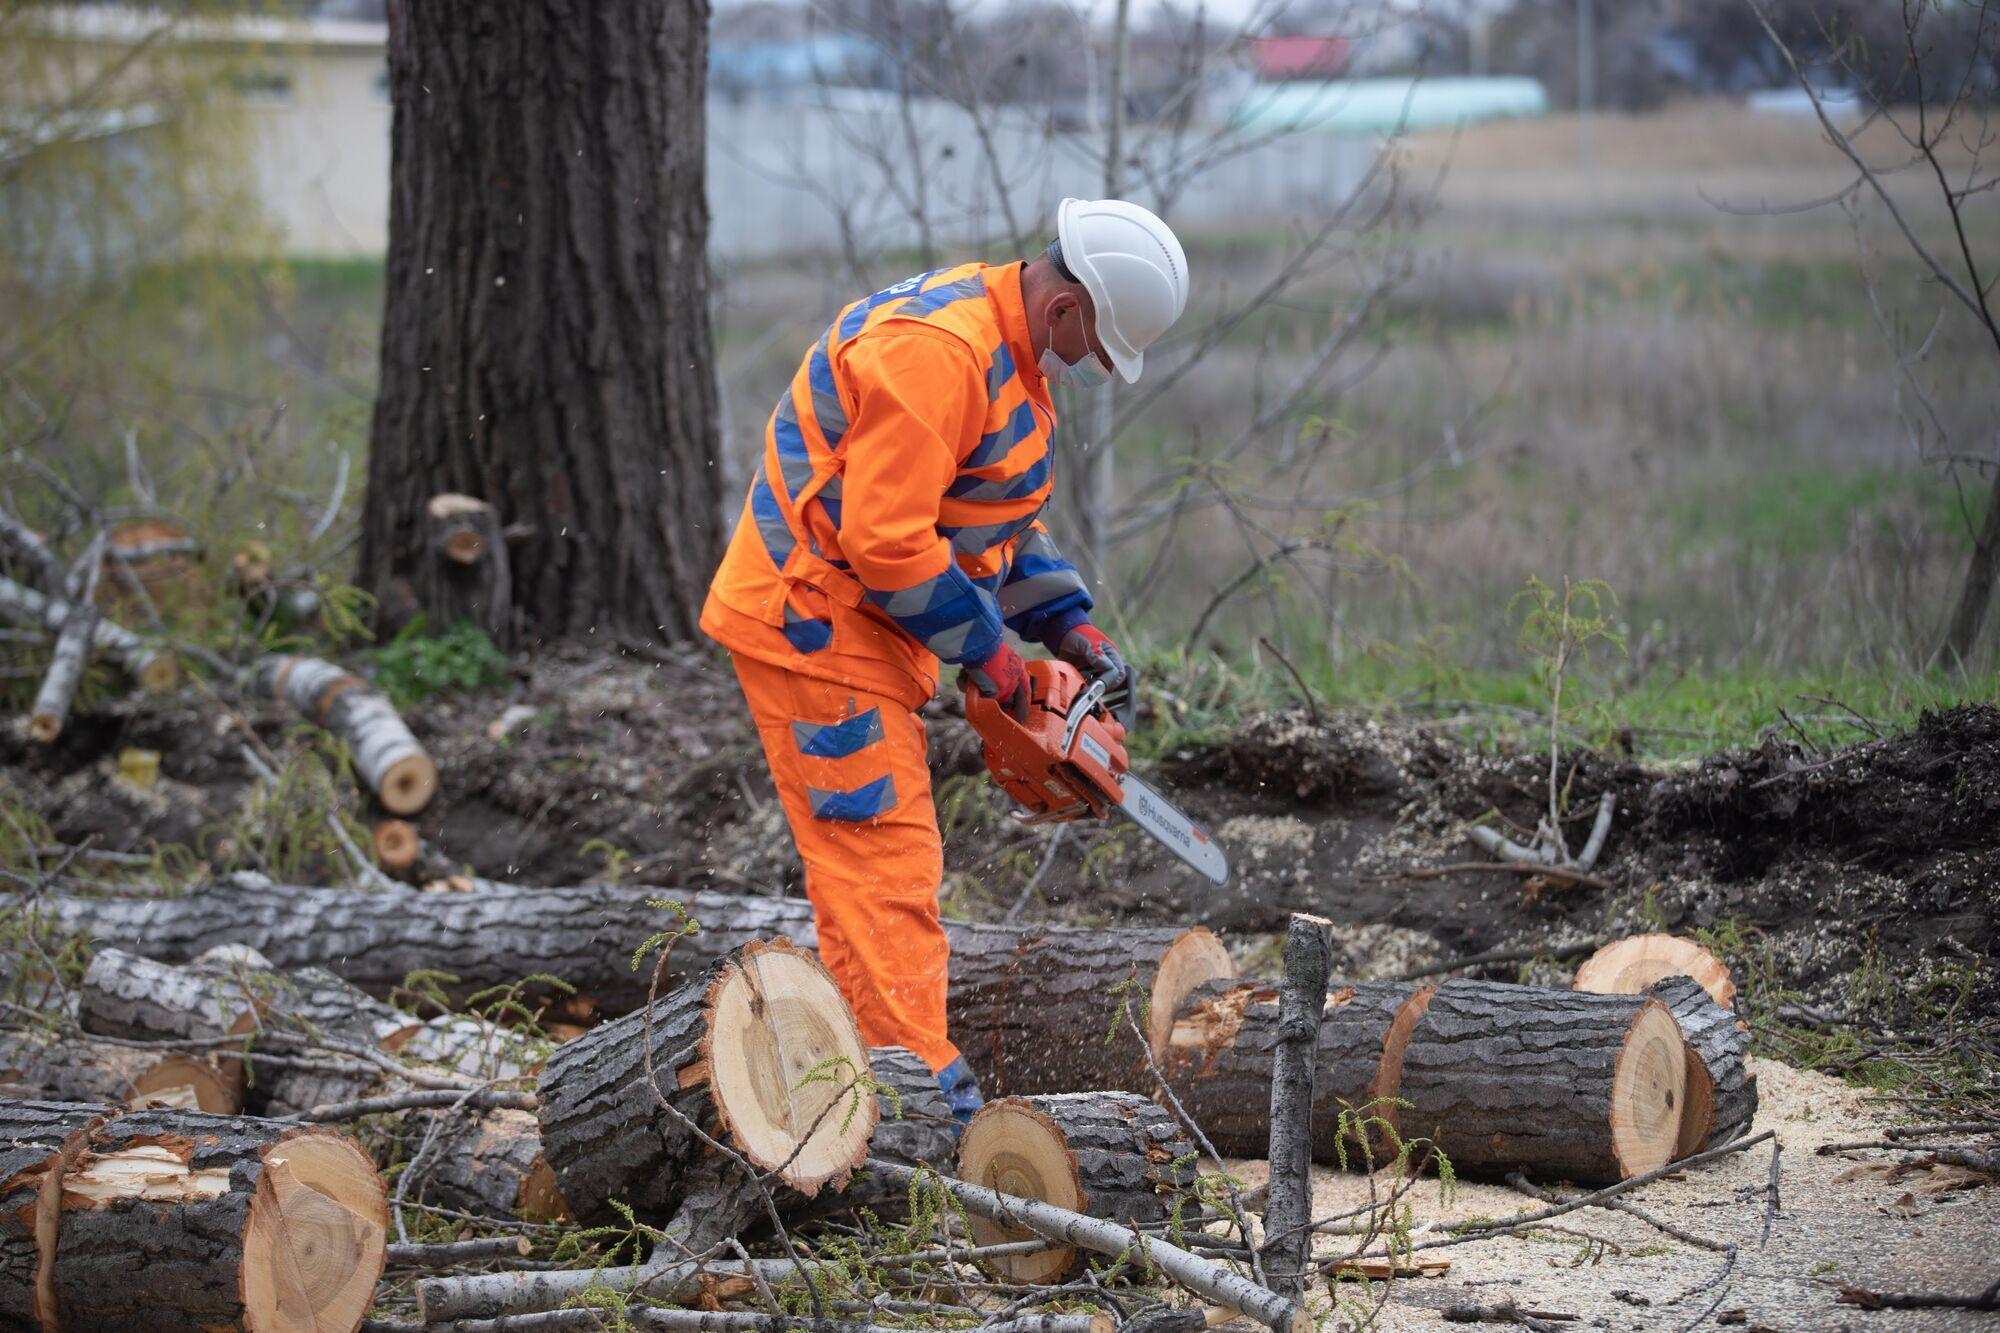 Эта машина будет применяться прежде всего для спиливания высоких и тяжелых деревьев, в том числе и тополей